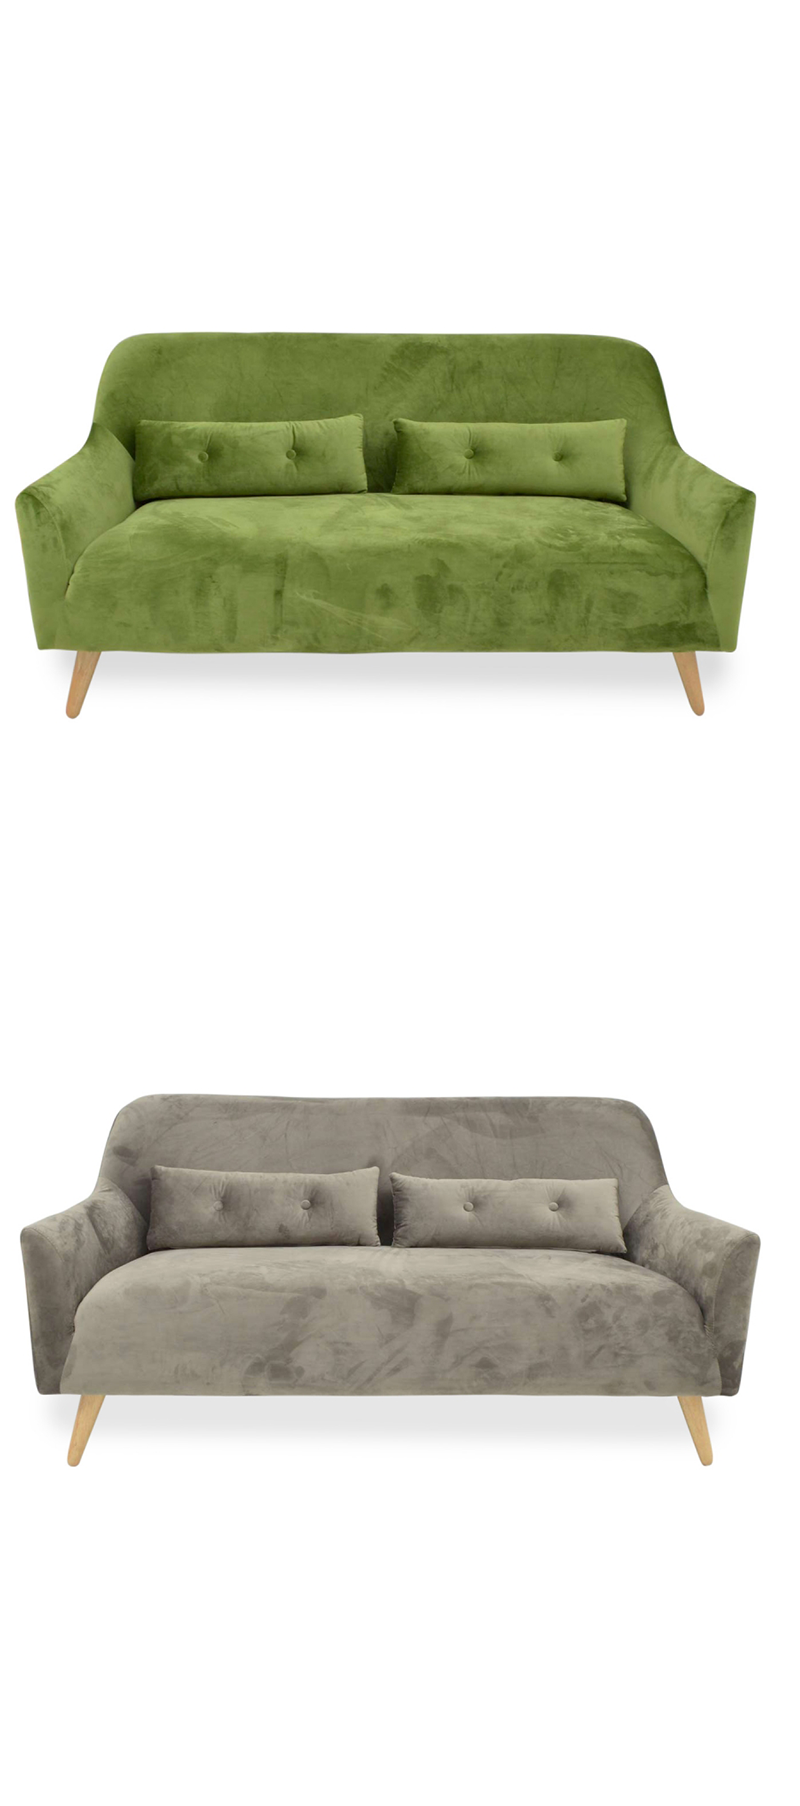 Sillón de terciopelo Linae, disponible en dos colores: gris y verde ...